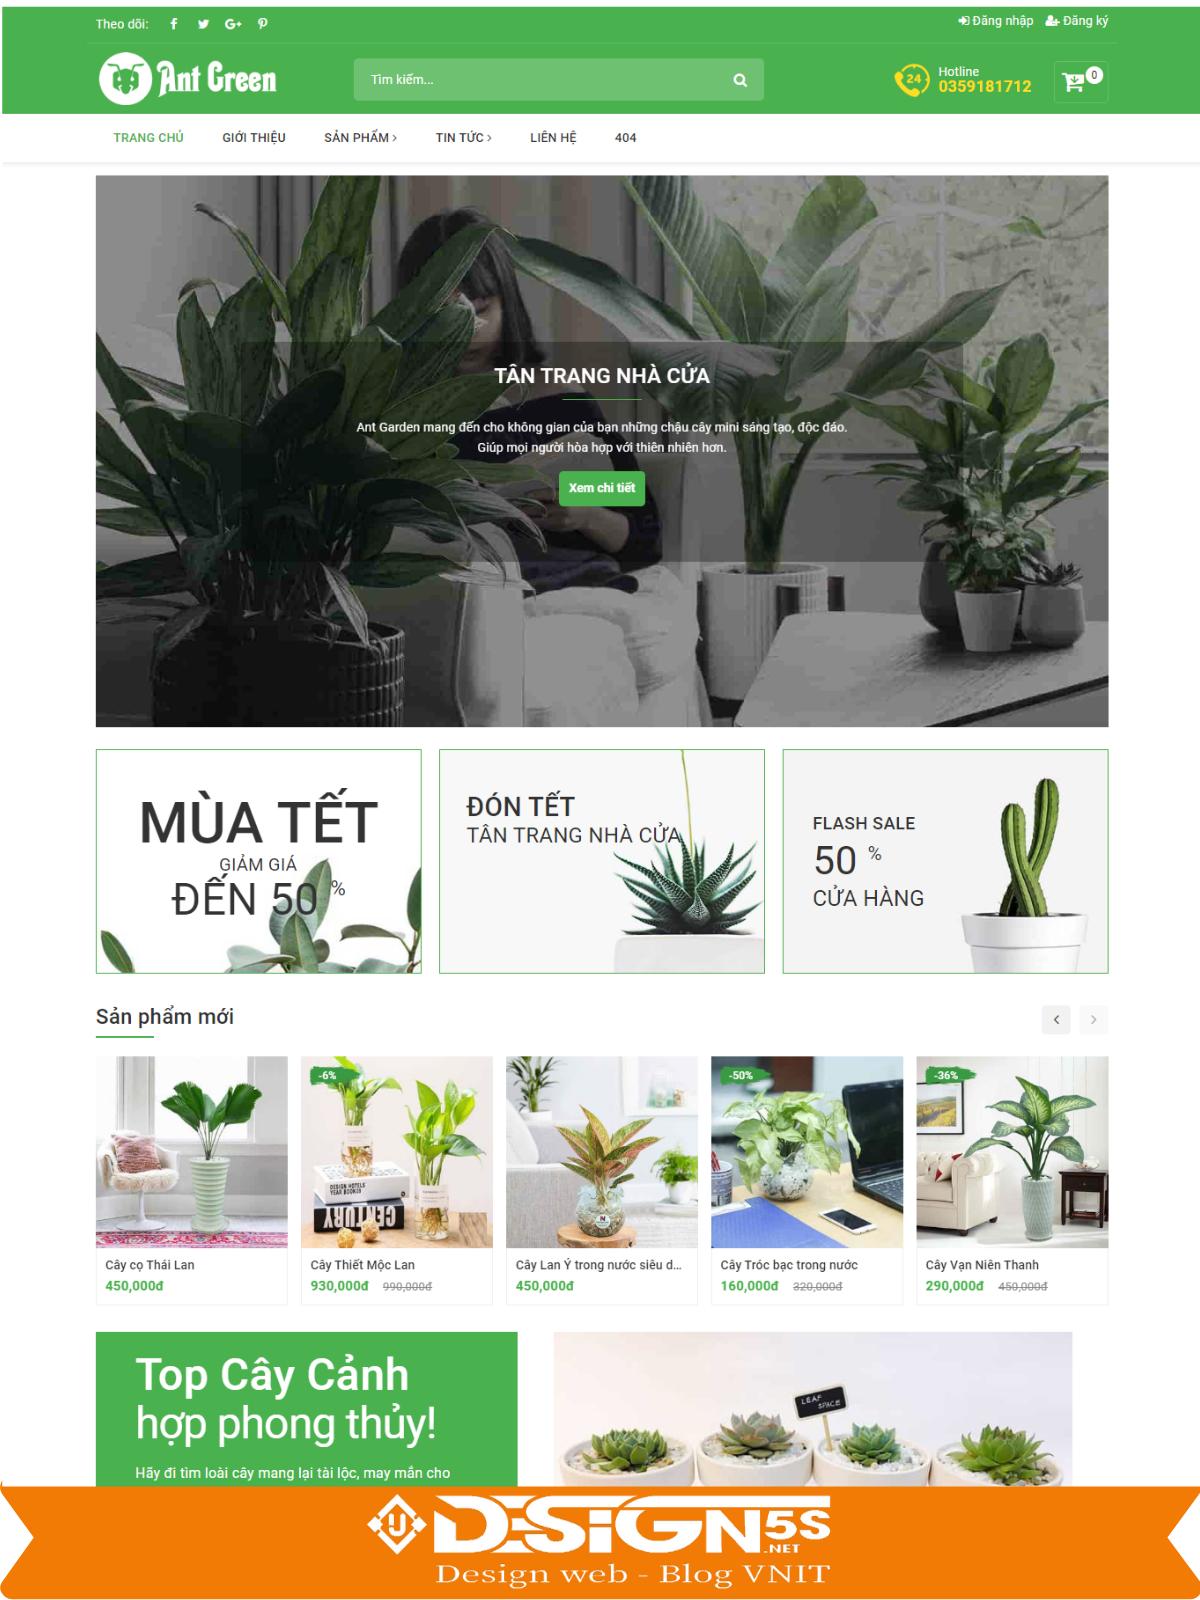 Mẫu Website Bán Cây Cảnh Chuyên Nghiệp Chuẩn Seo - Ảnh 1